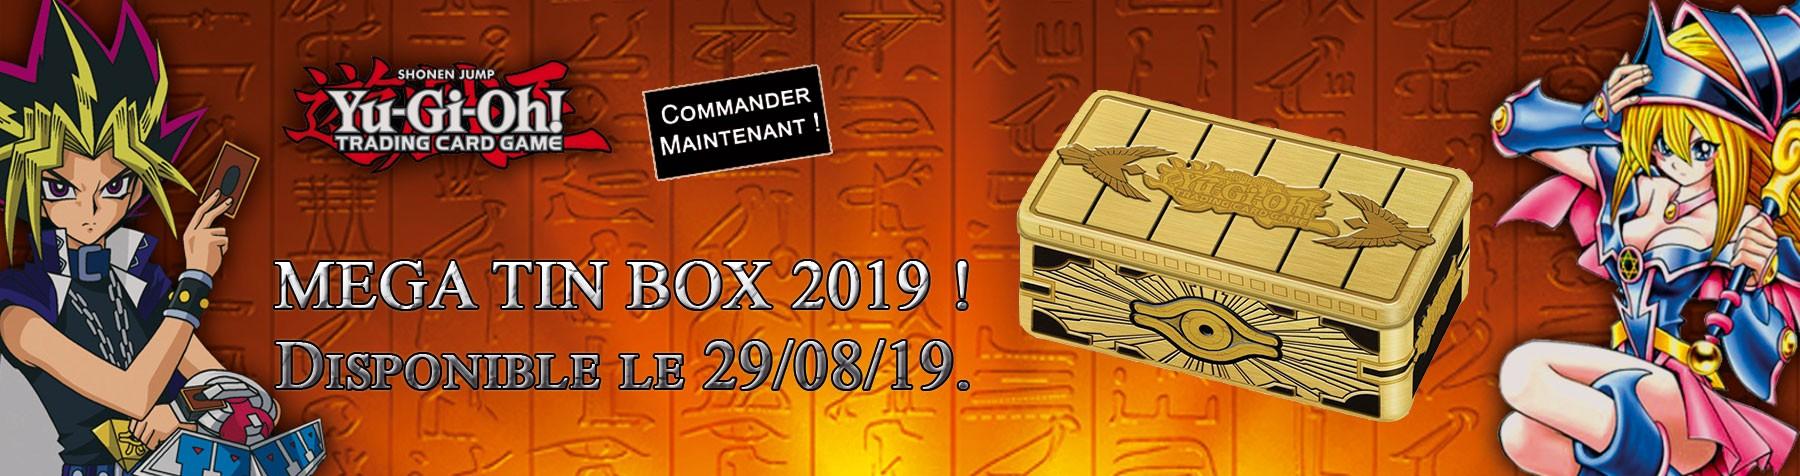 Yu-Gi-Oh ! MEGA TIN BOX 2019